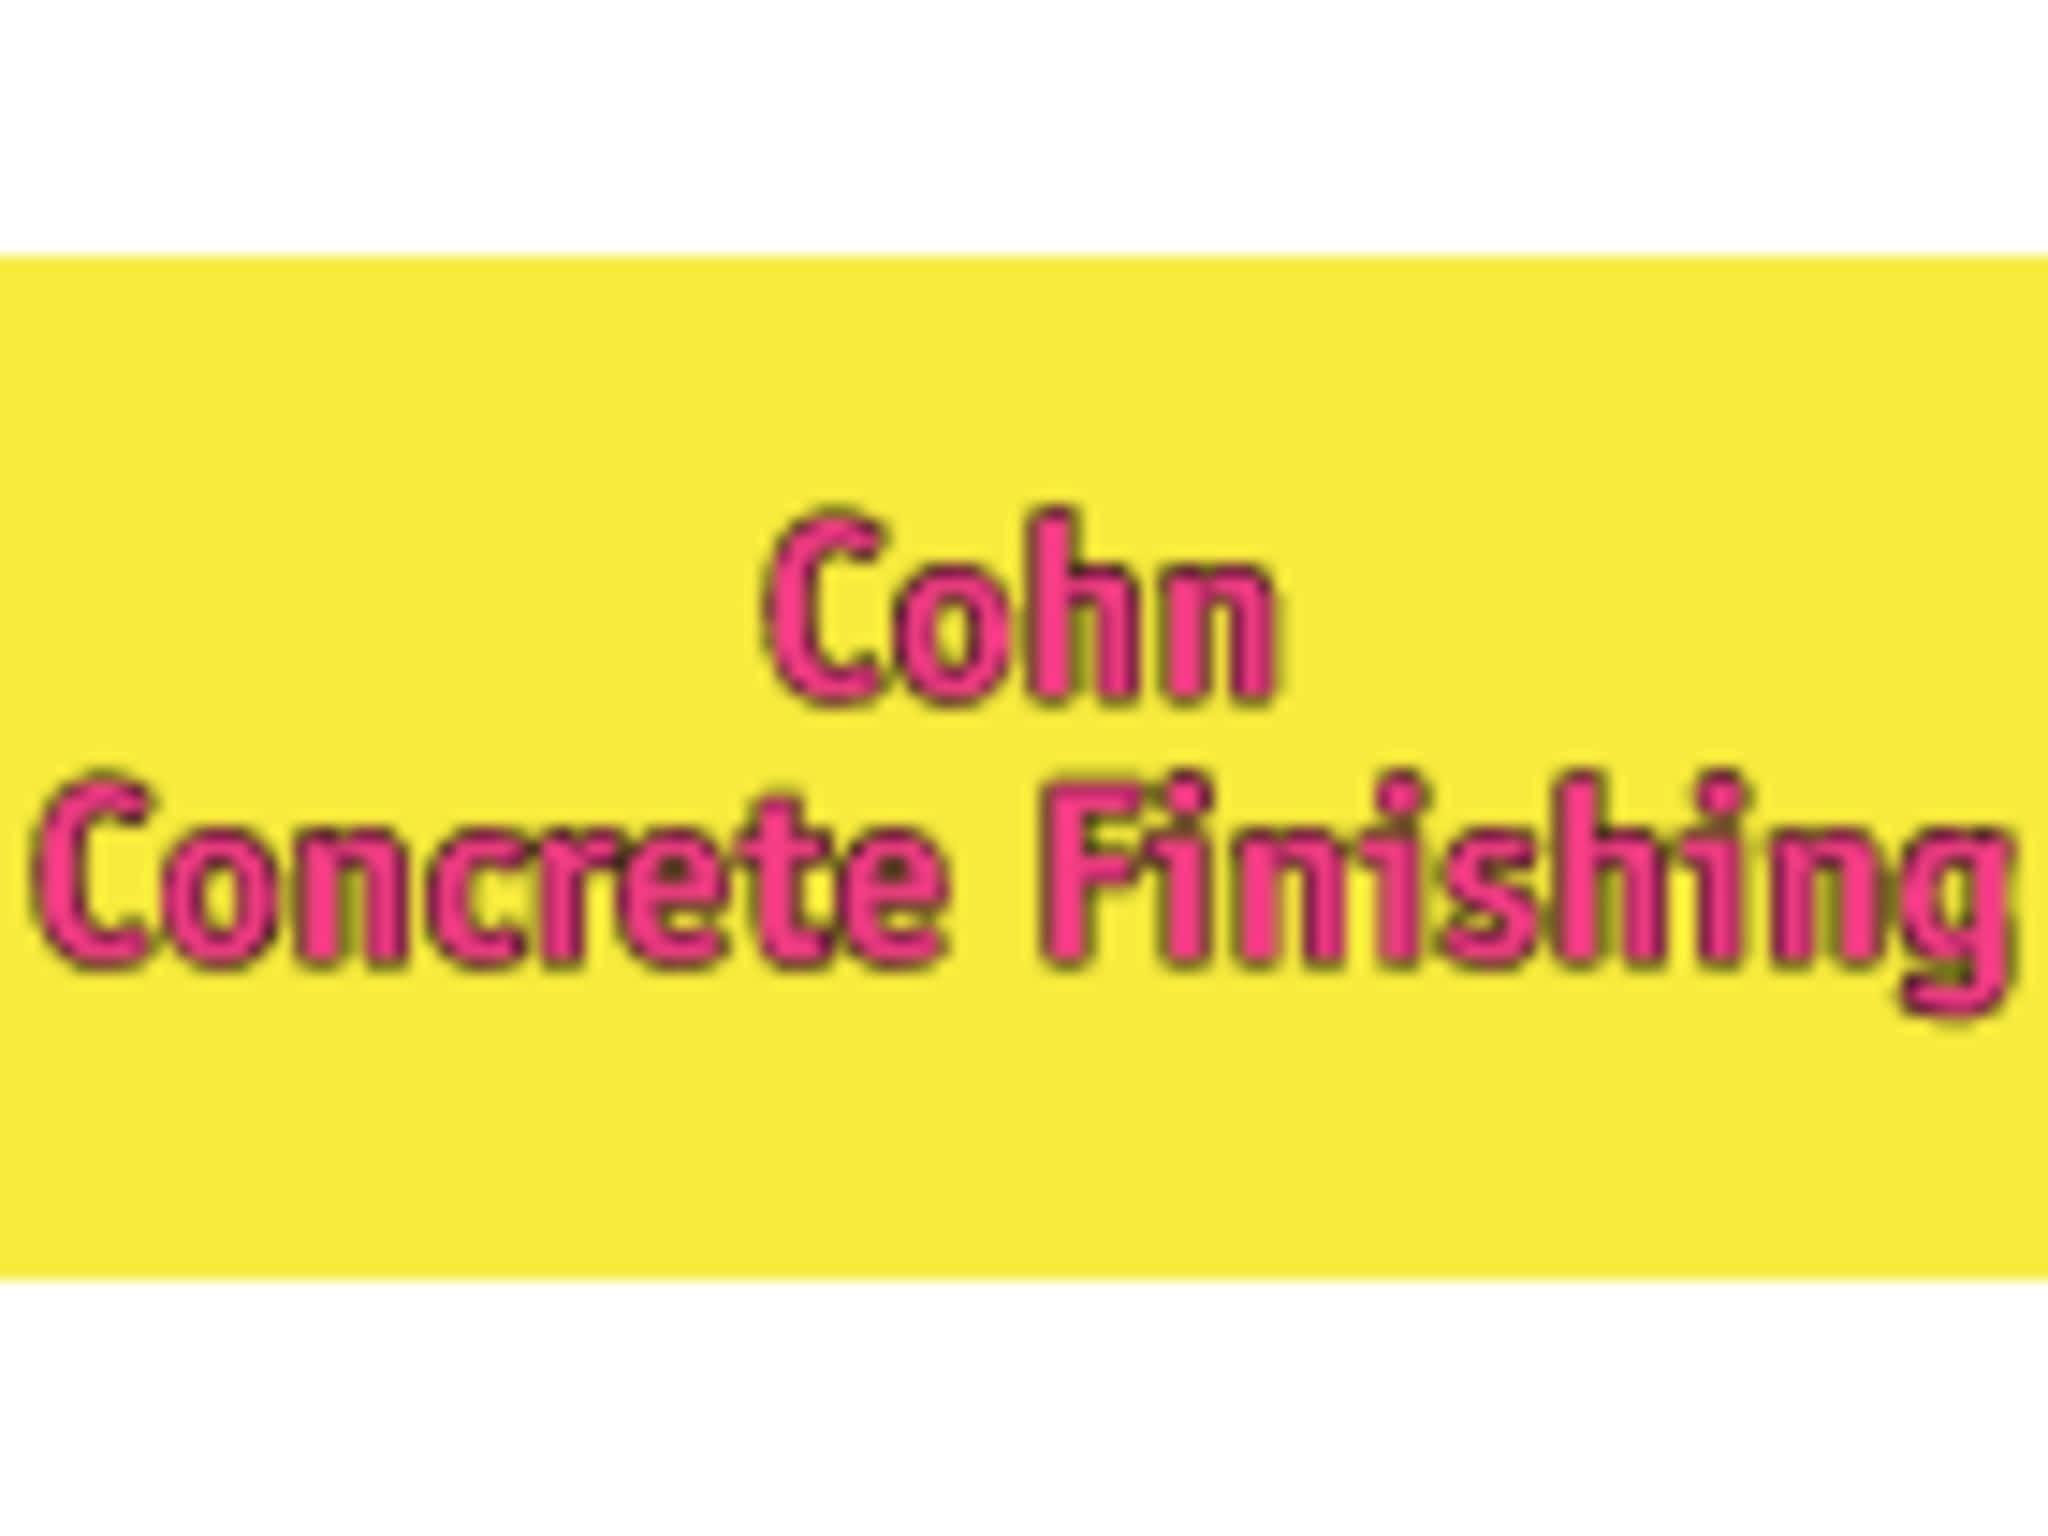 photo Cohn Concrete Finishing